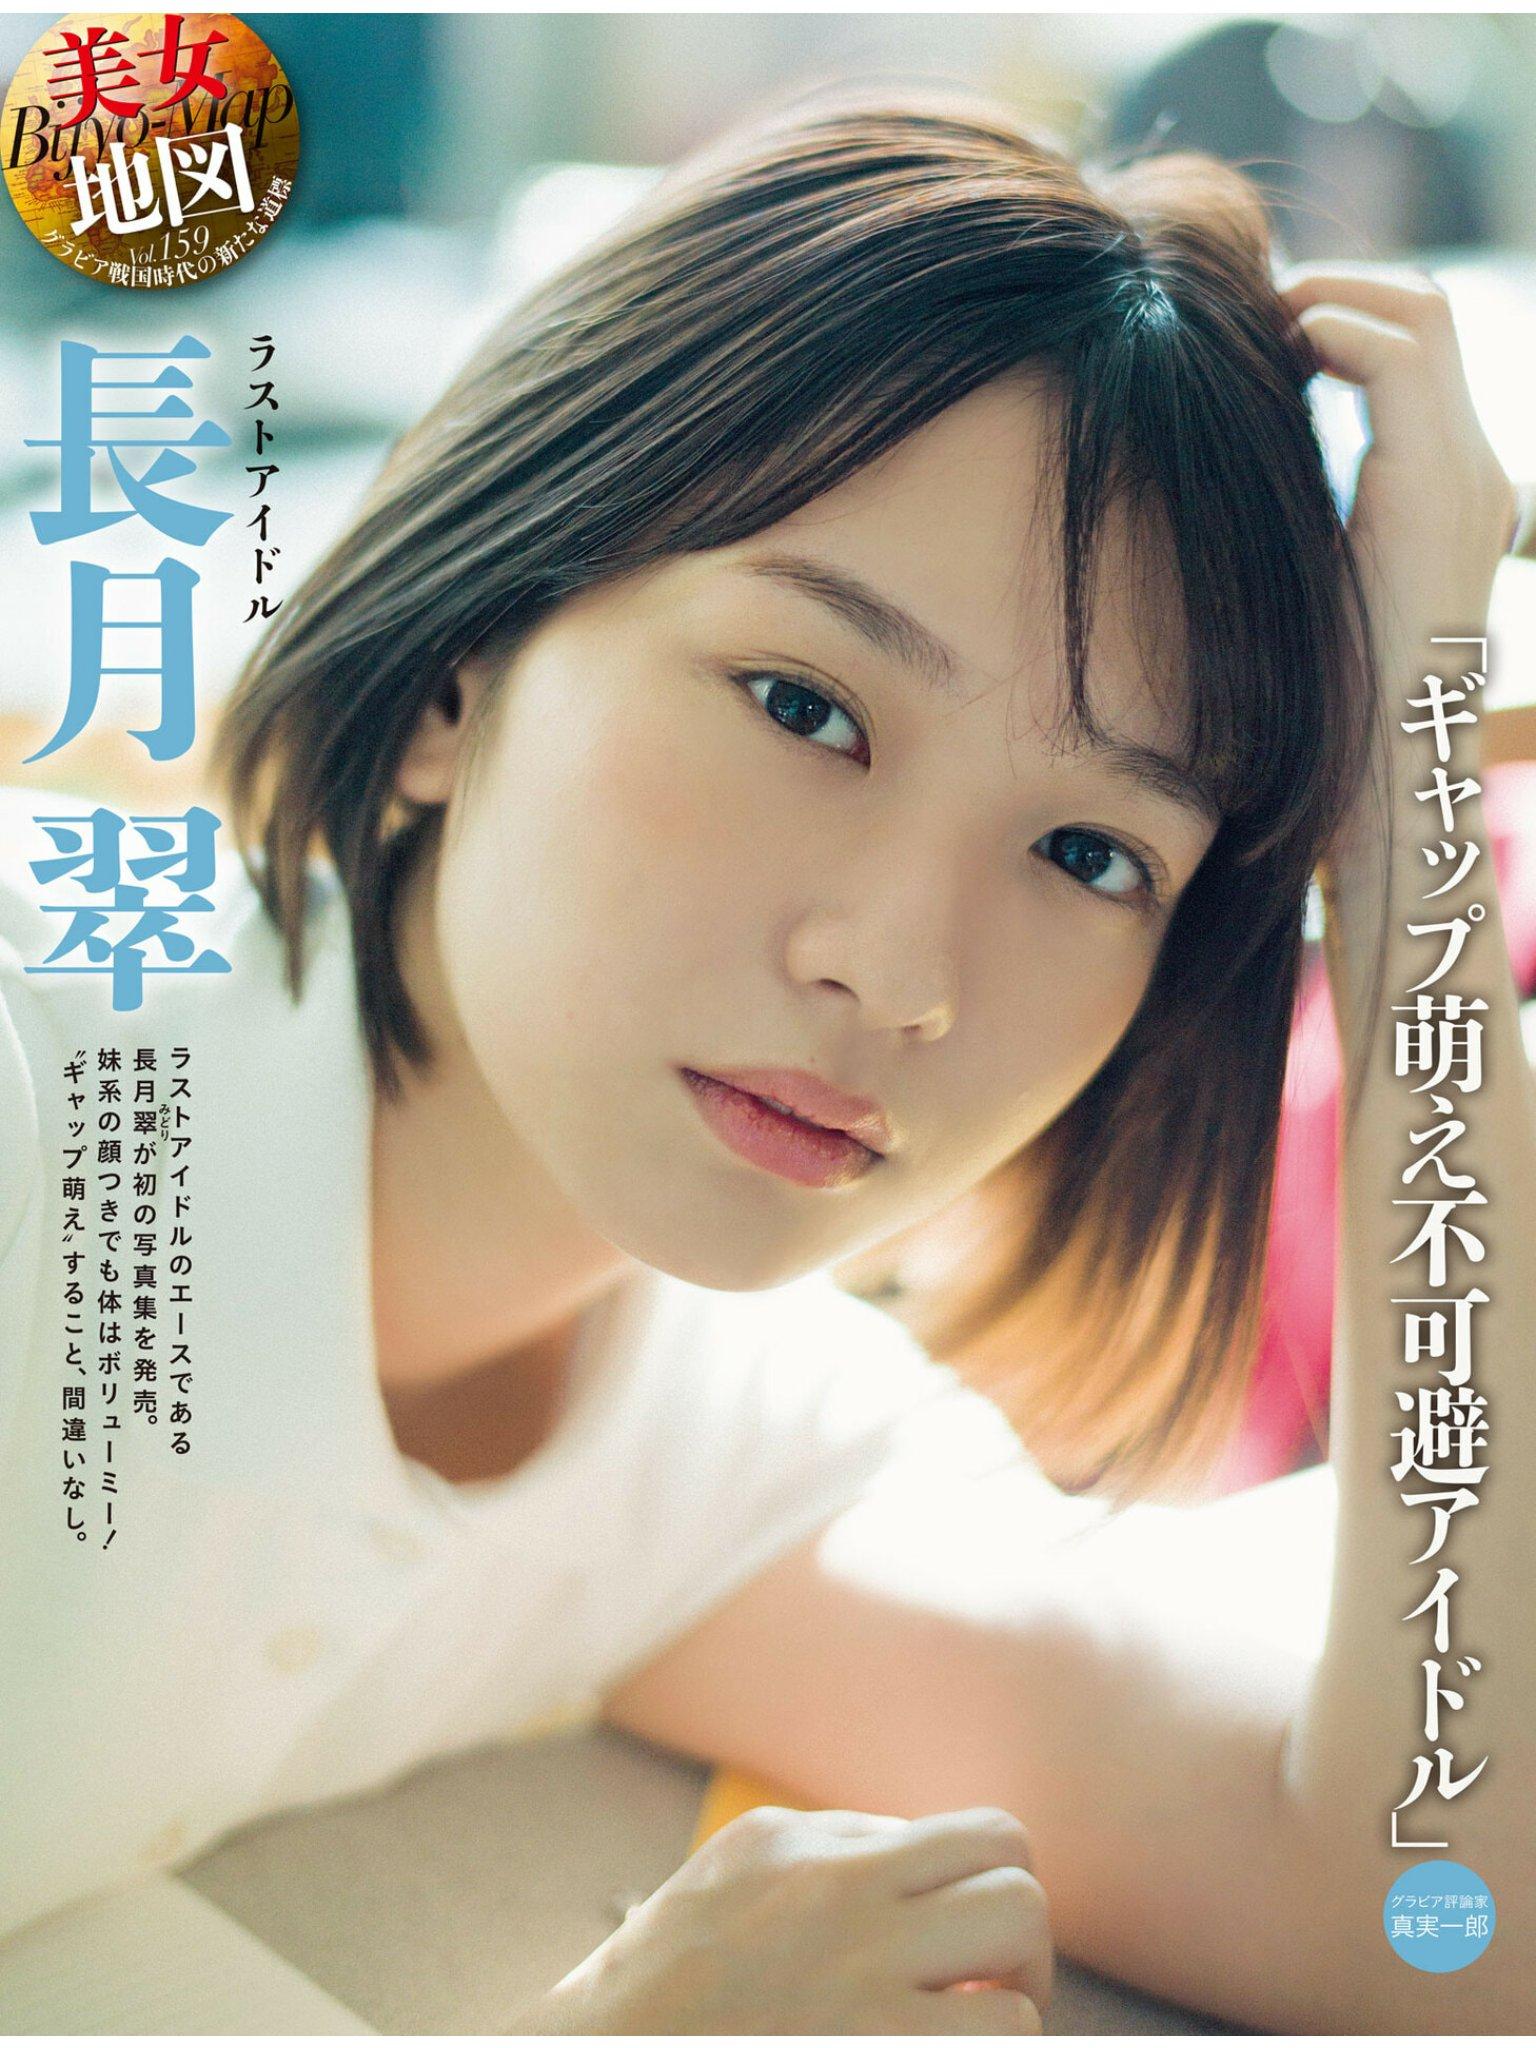 長月翠1st写真集「意外性」水着(ラストアイドル)